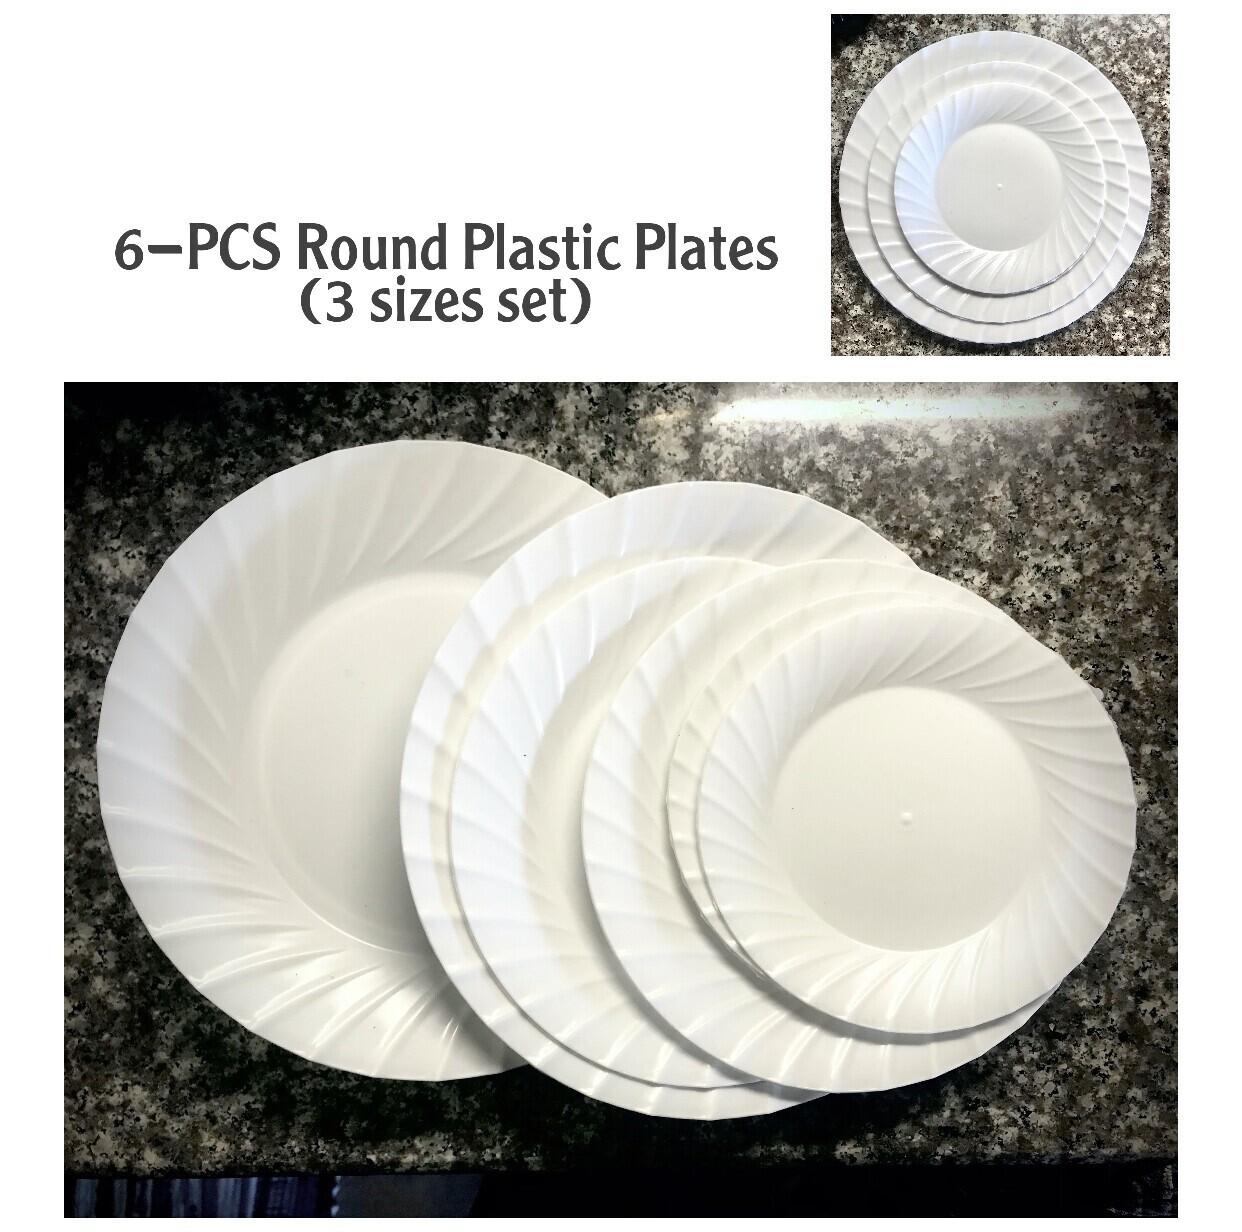 6-Pcs Round Plastic Plates